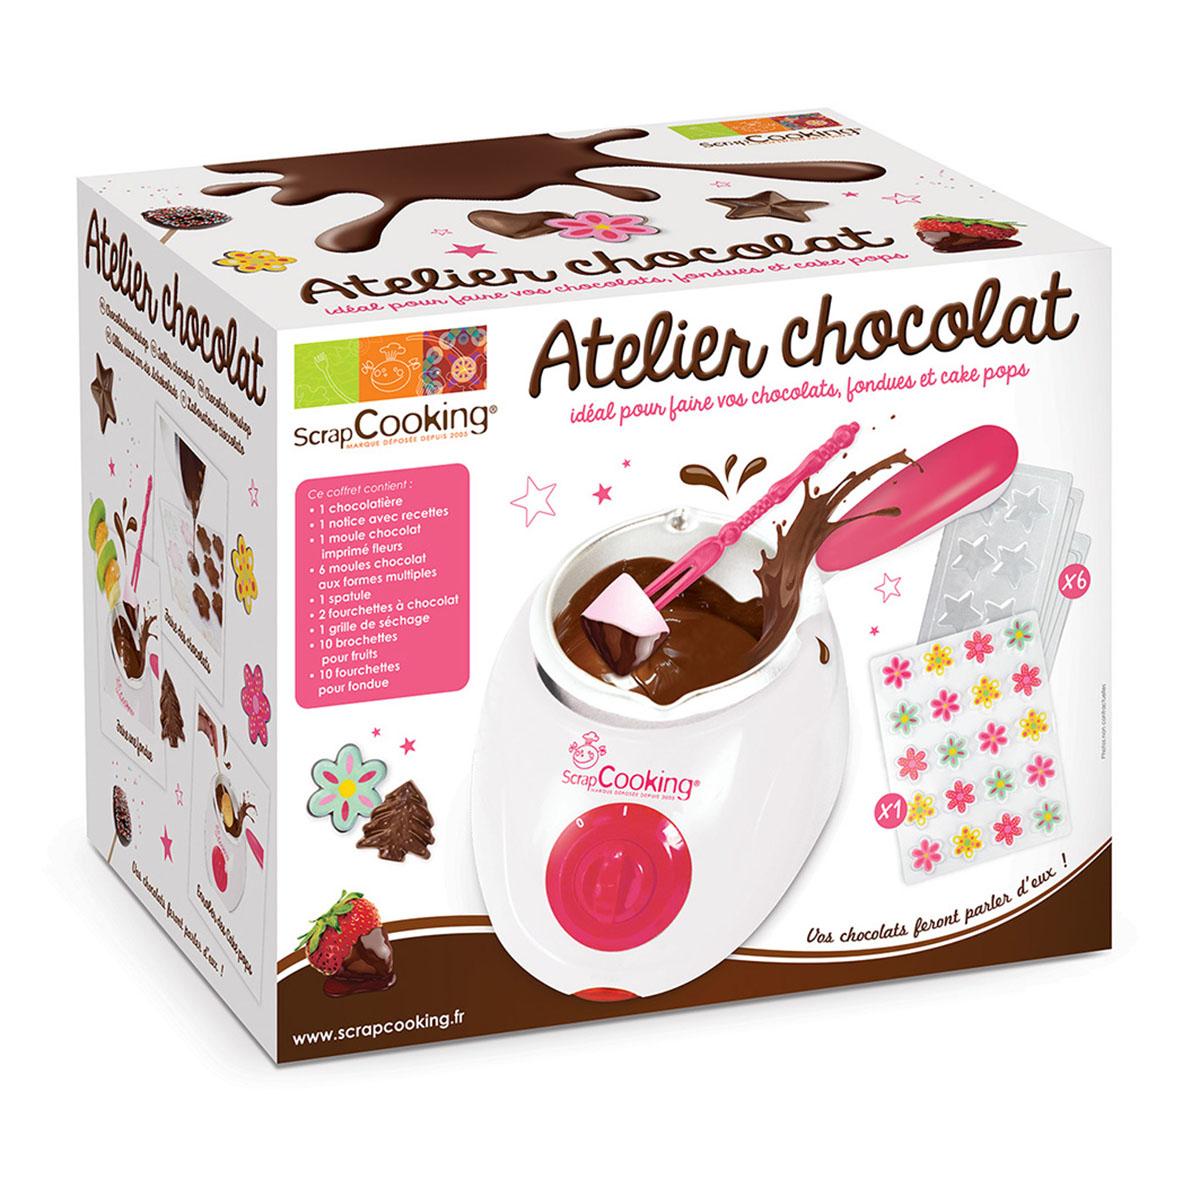 Image du produit Kit l'atelier chocolat - Scrapcooking